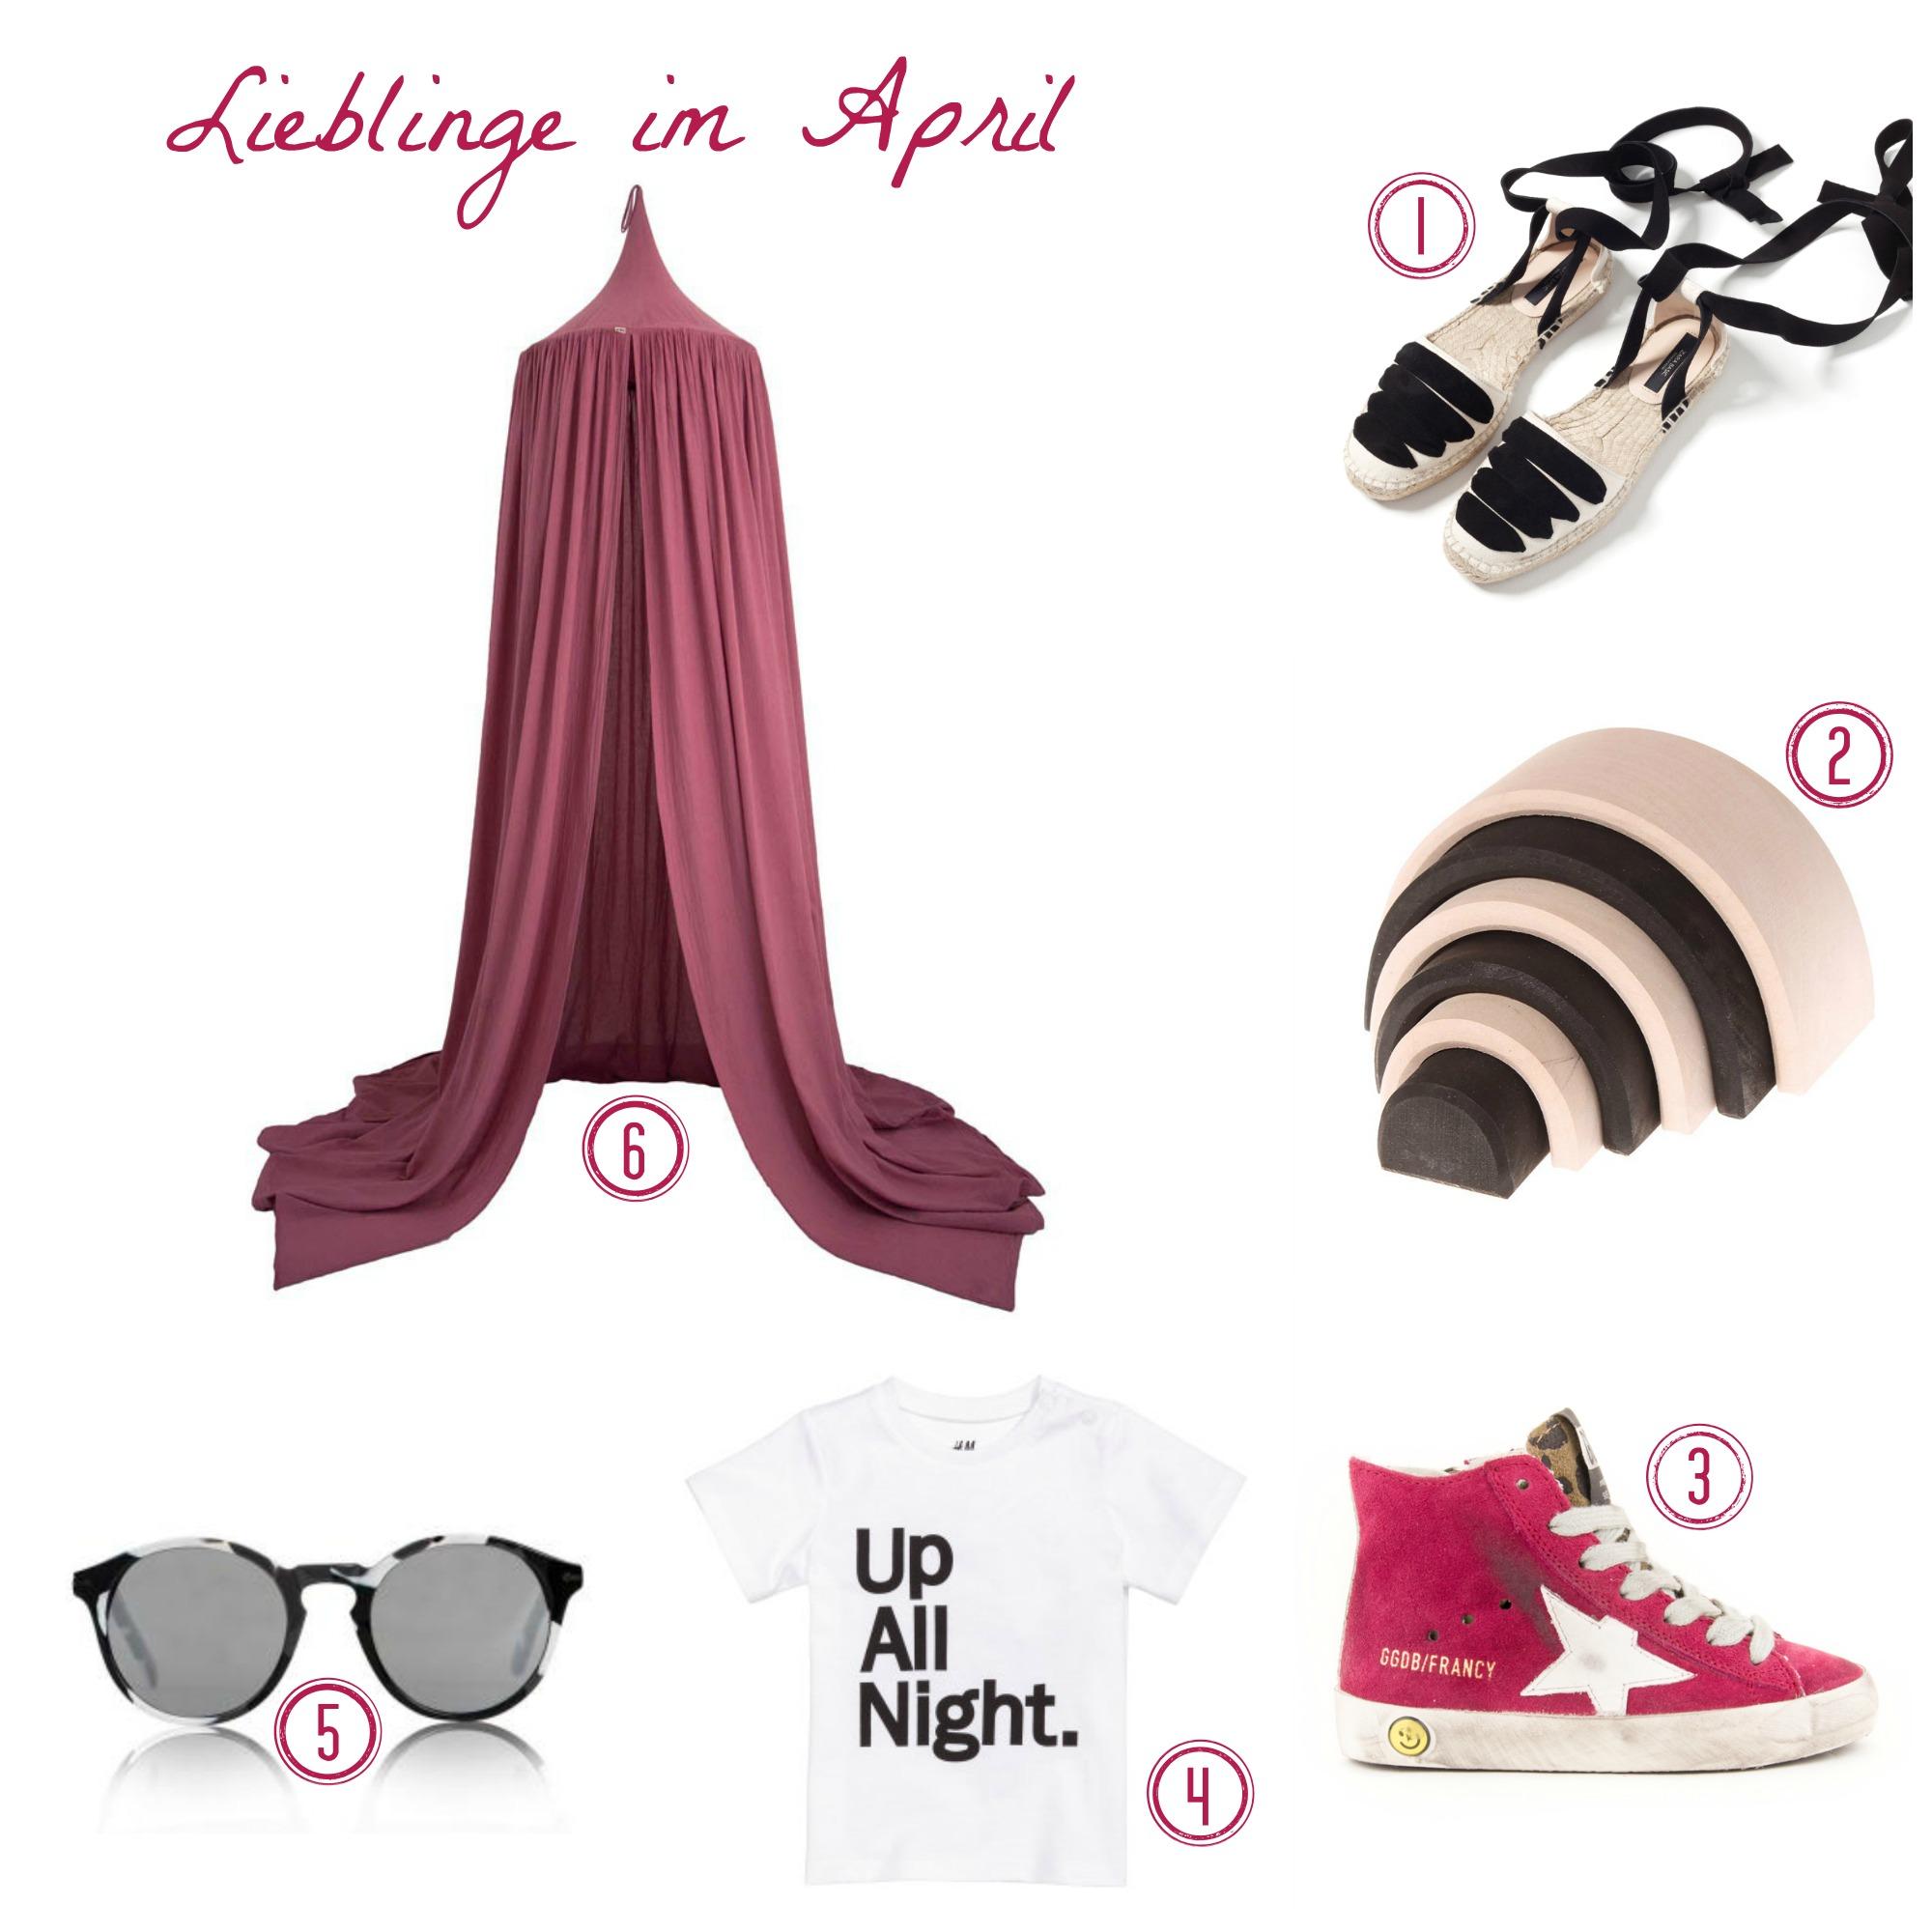 Lieblinge_April